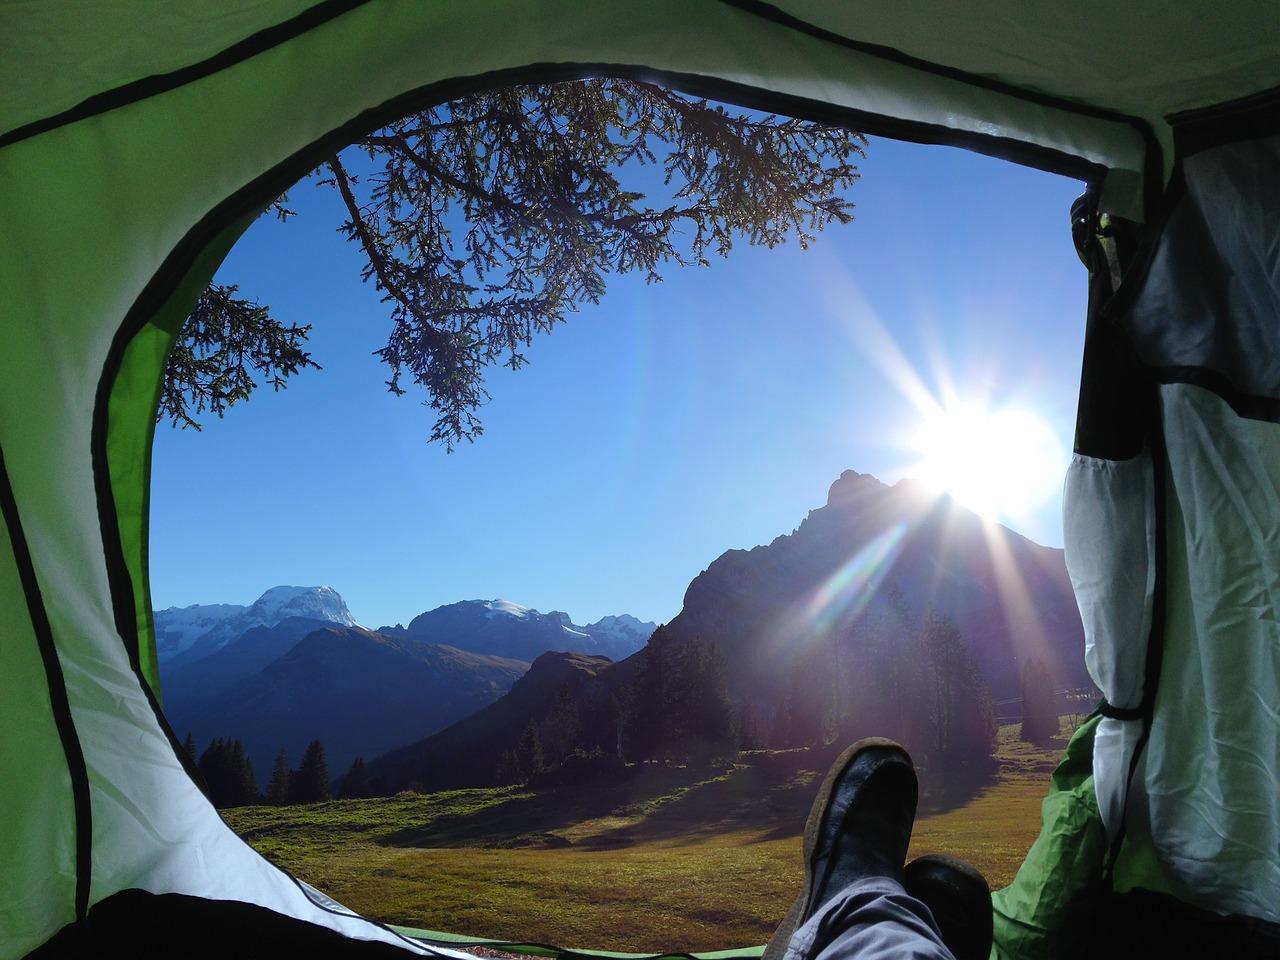 O que não pode faltar em um acampamento com os amigos?